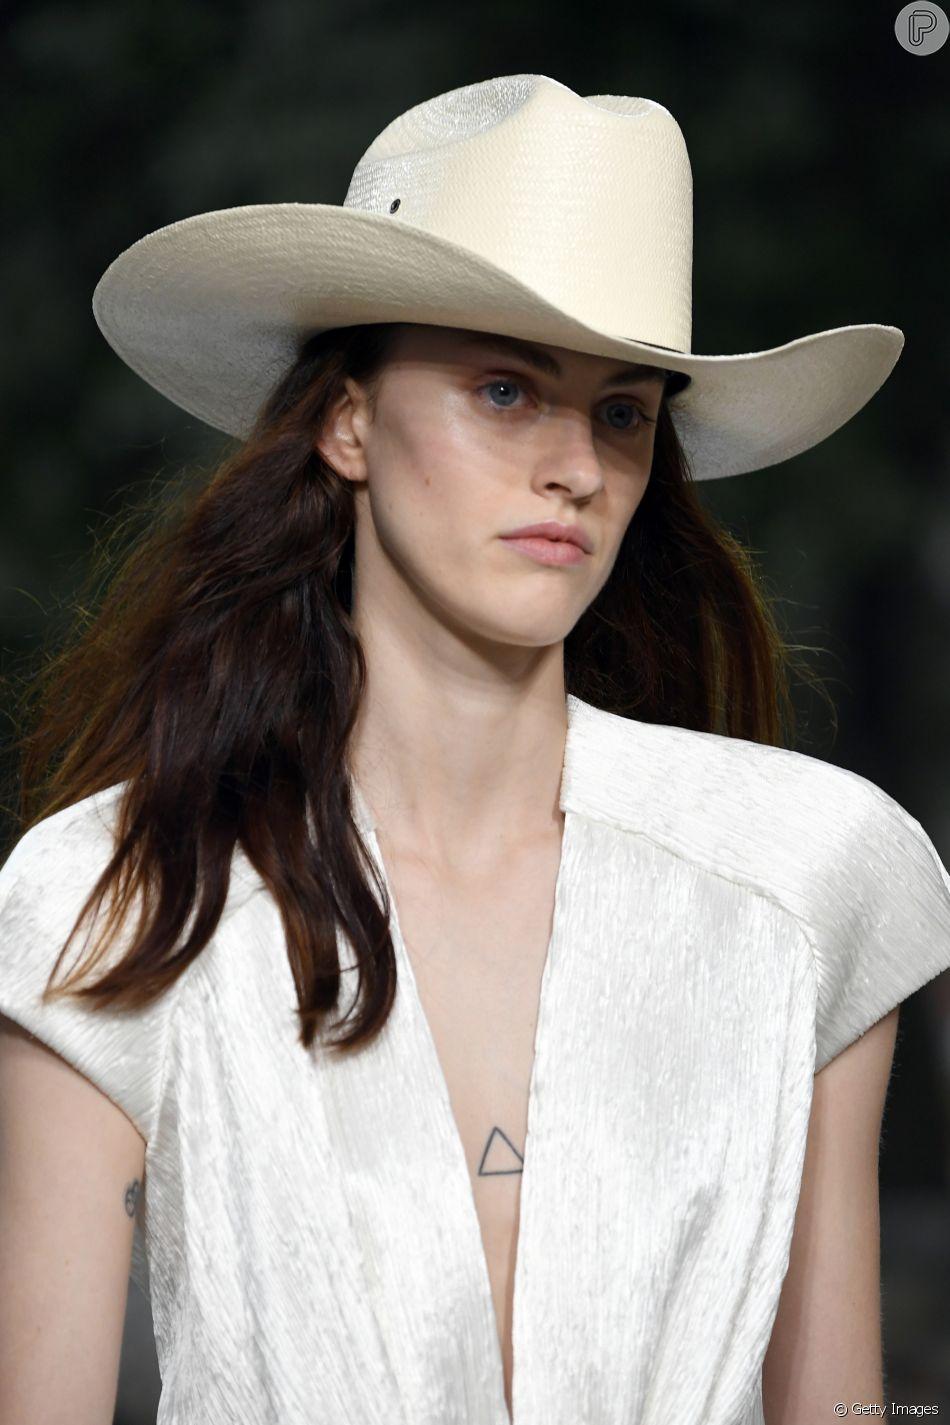 Acessórios do verão 2019  chapéu de palha em modelo cowboy da coleção  cruise da Louis 3f272bb7aa